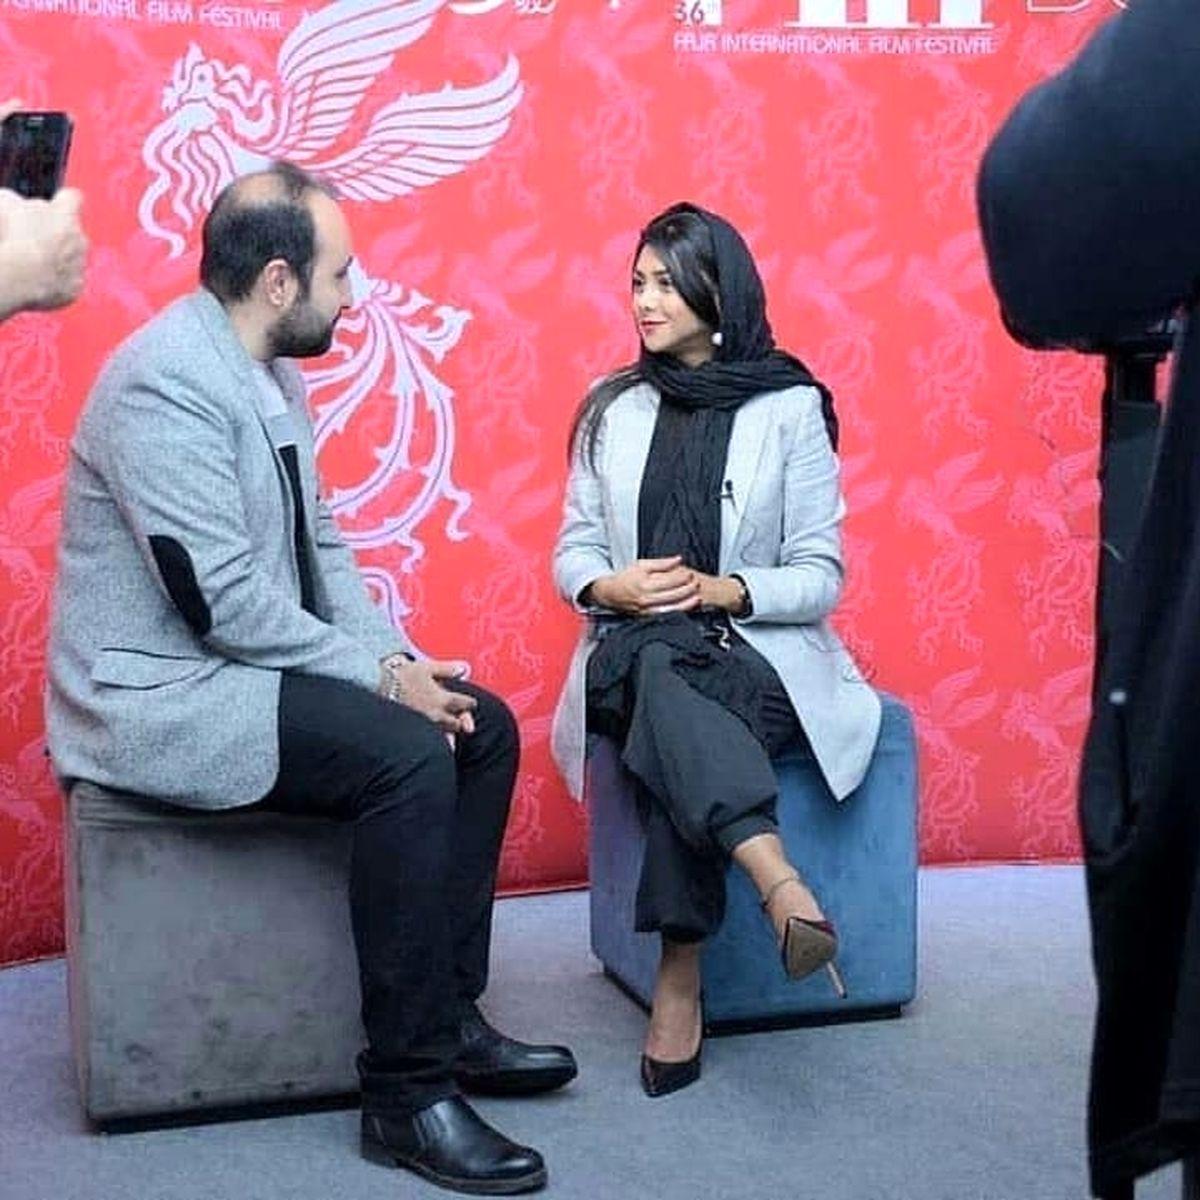 شلوار کوتاه و تیپ ناجور آزاده صمدی هنگام مصاحبه + عکس